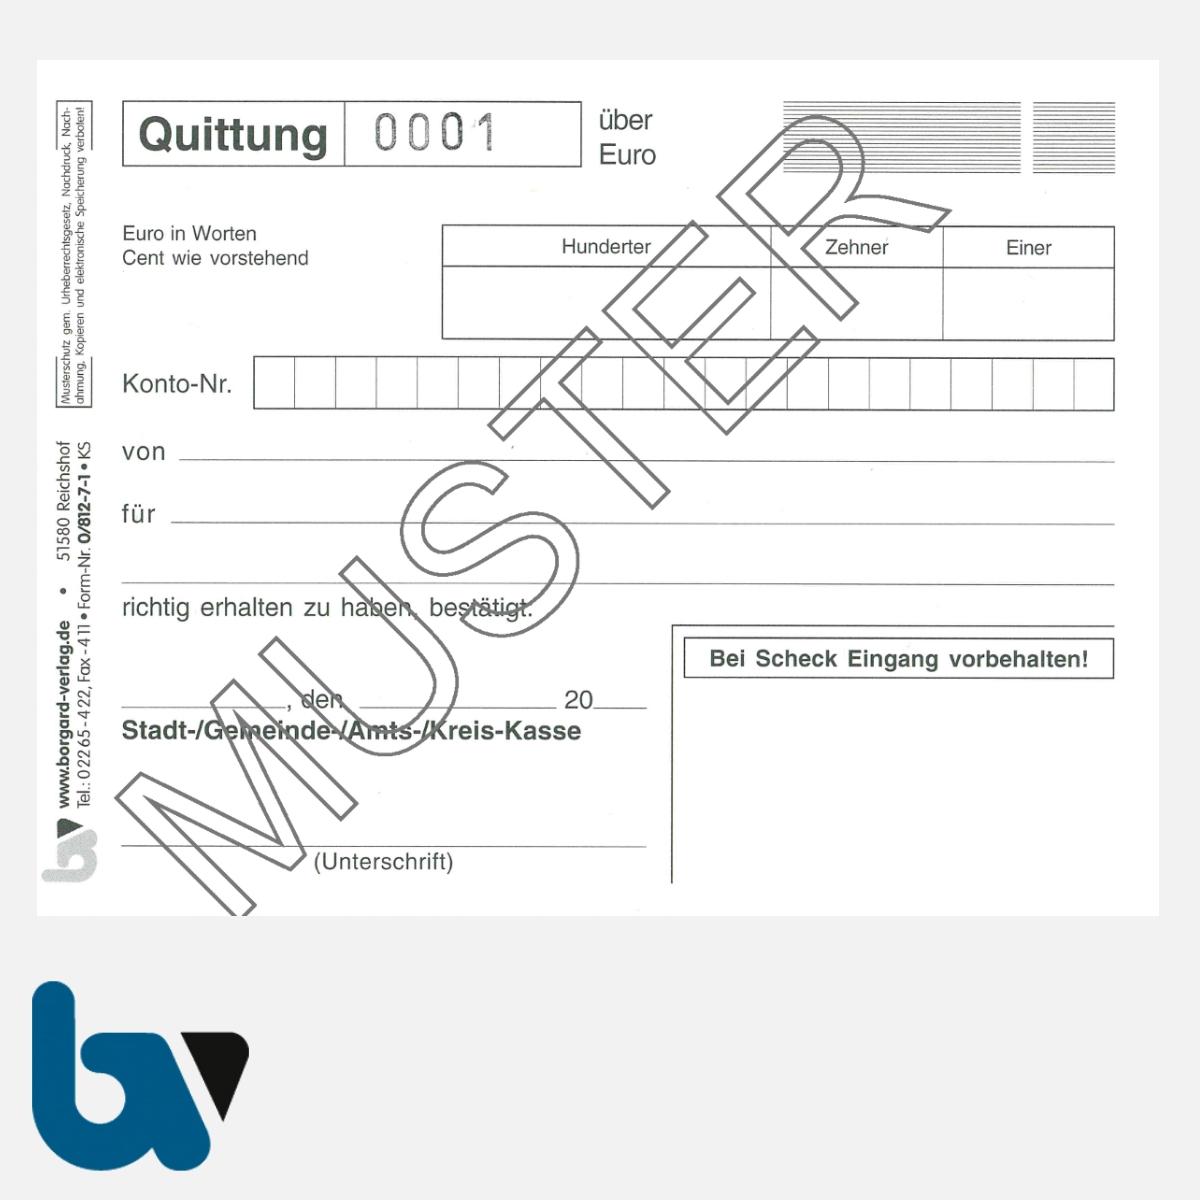 0/812-7.1 Quittung Empfangsbescheinigung Kasse Bar bargeldlos Zahlung Konto selbstdurchschreibend 2fach Schreibschutzdeckel Nummerierung 1 50 DIN A6 S 1 | Borgard Verlag GmbH